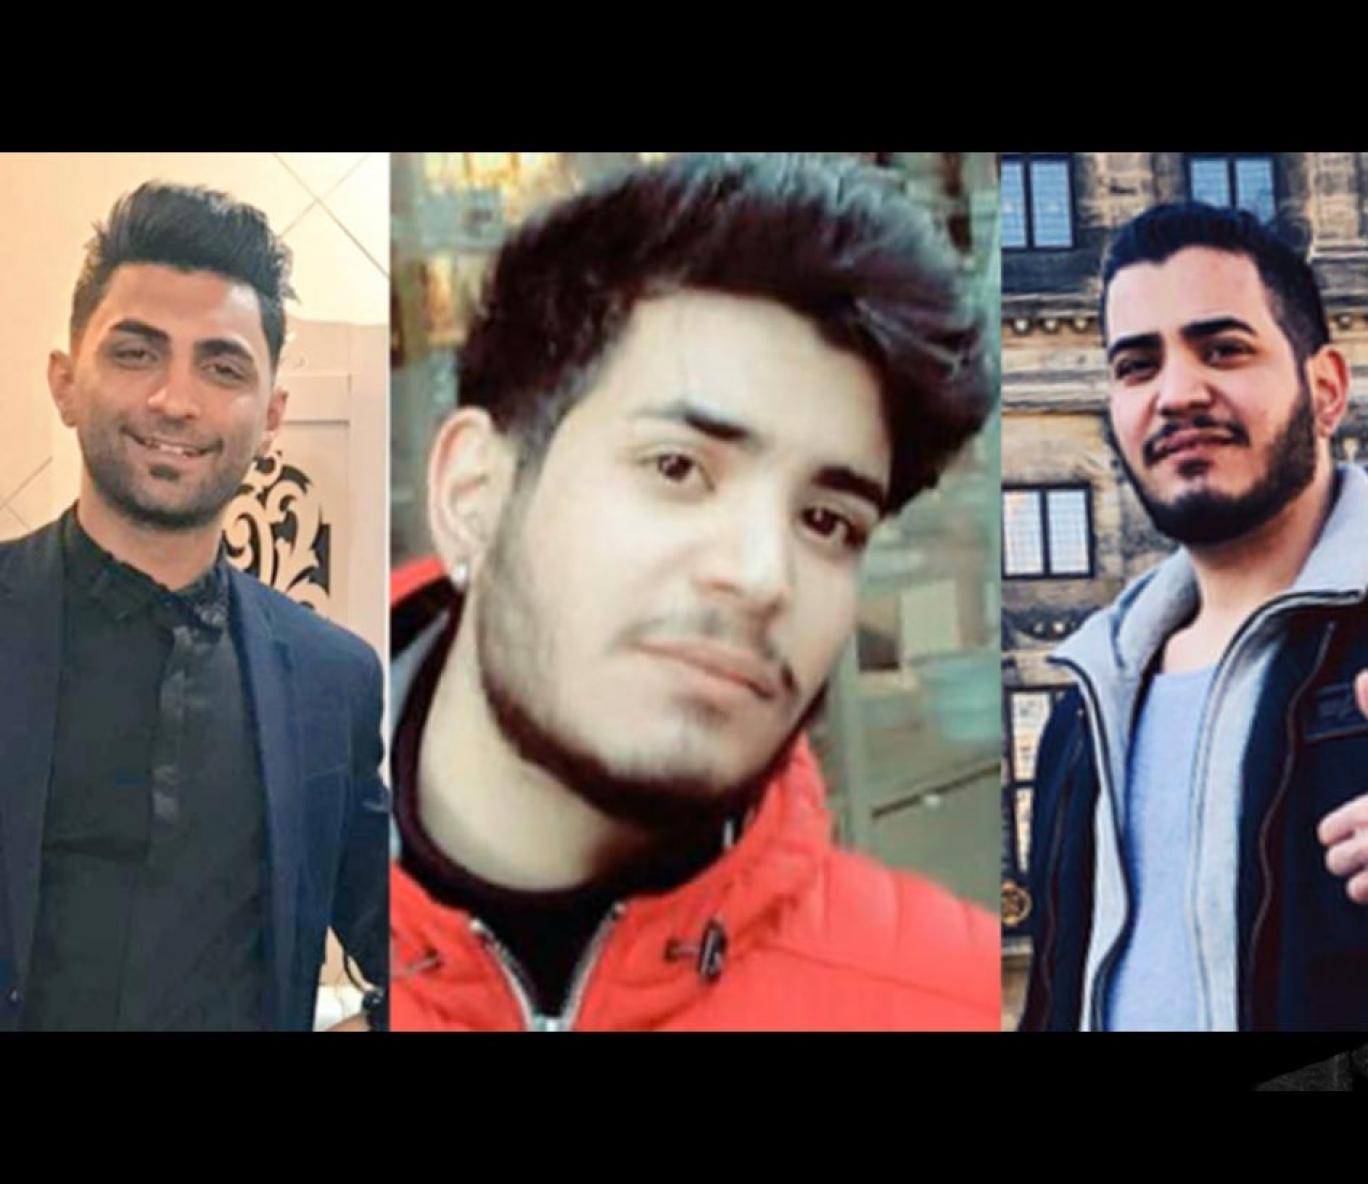 اعتراض میلیونی به حکم اعدام سه معترض آبان با هشتگ «اعدام نکنید»؛ اختلال در اینترنت